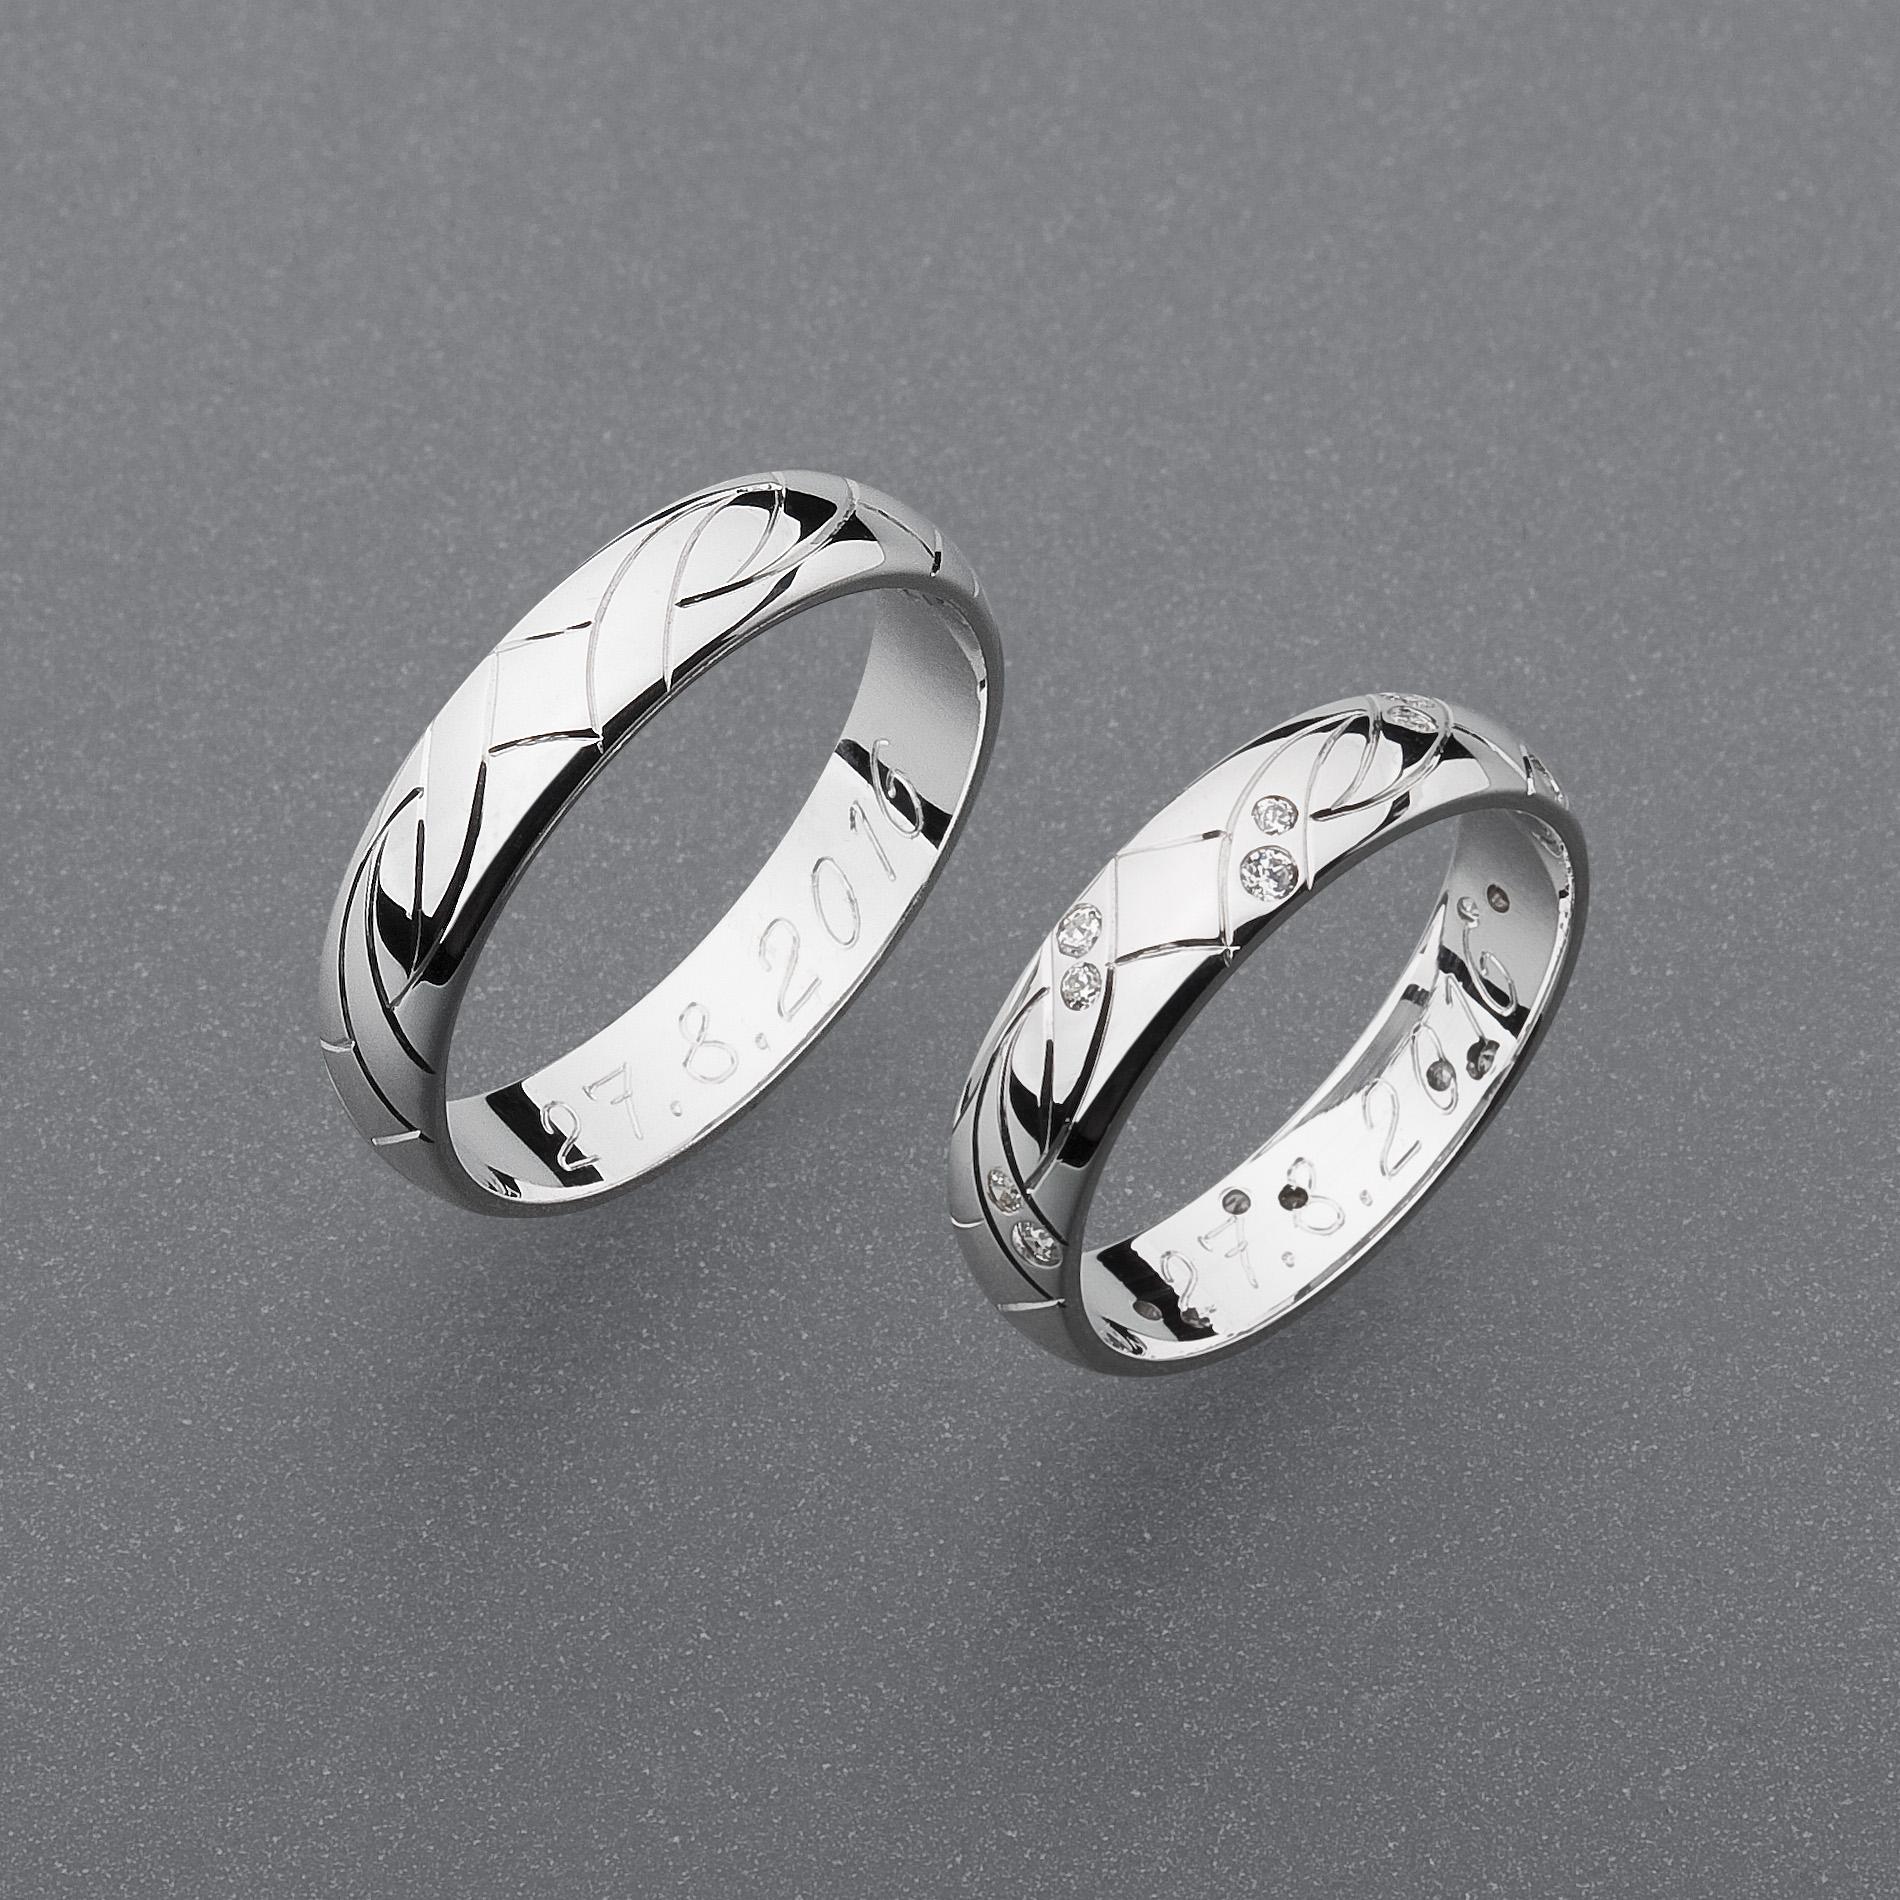 Stribrne Snubni Prsteny Vzor Z56 Slim